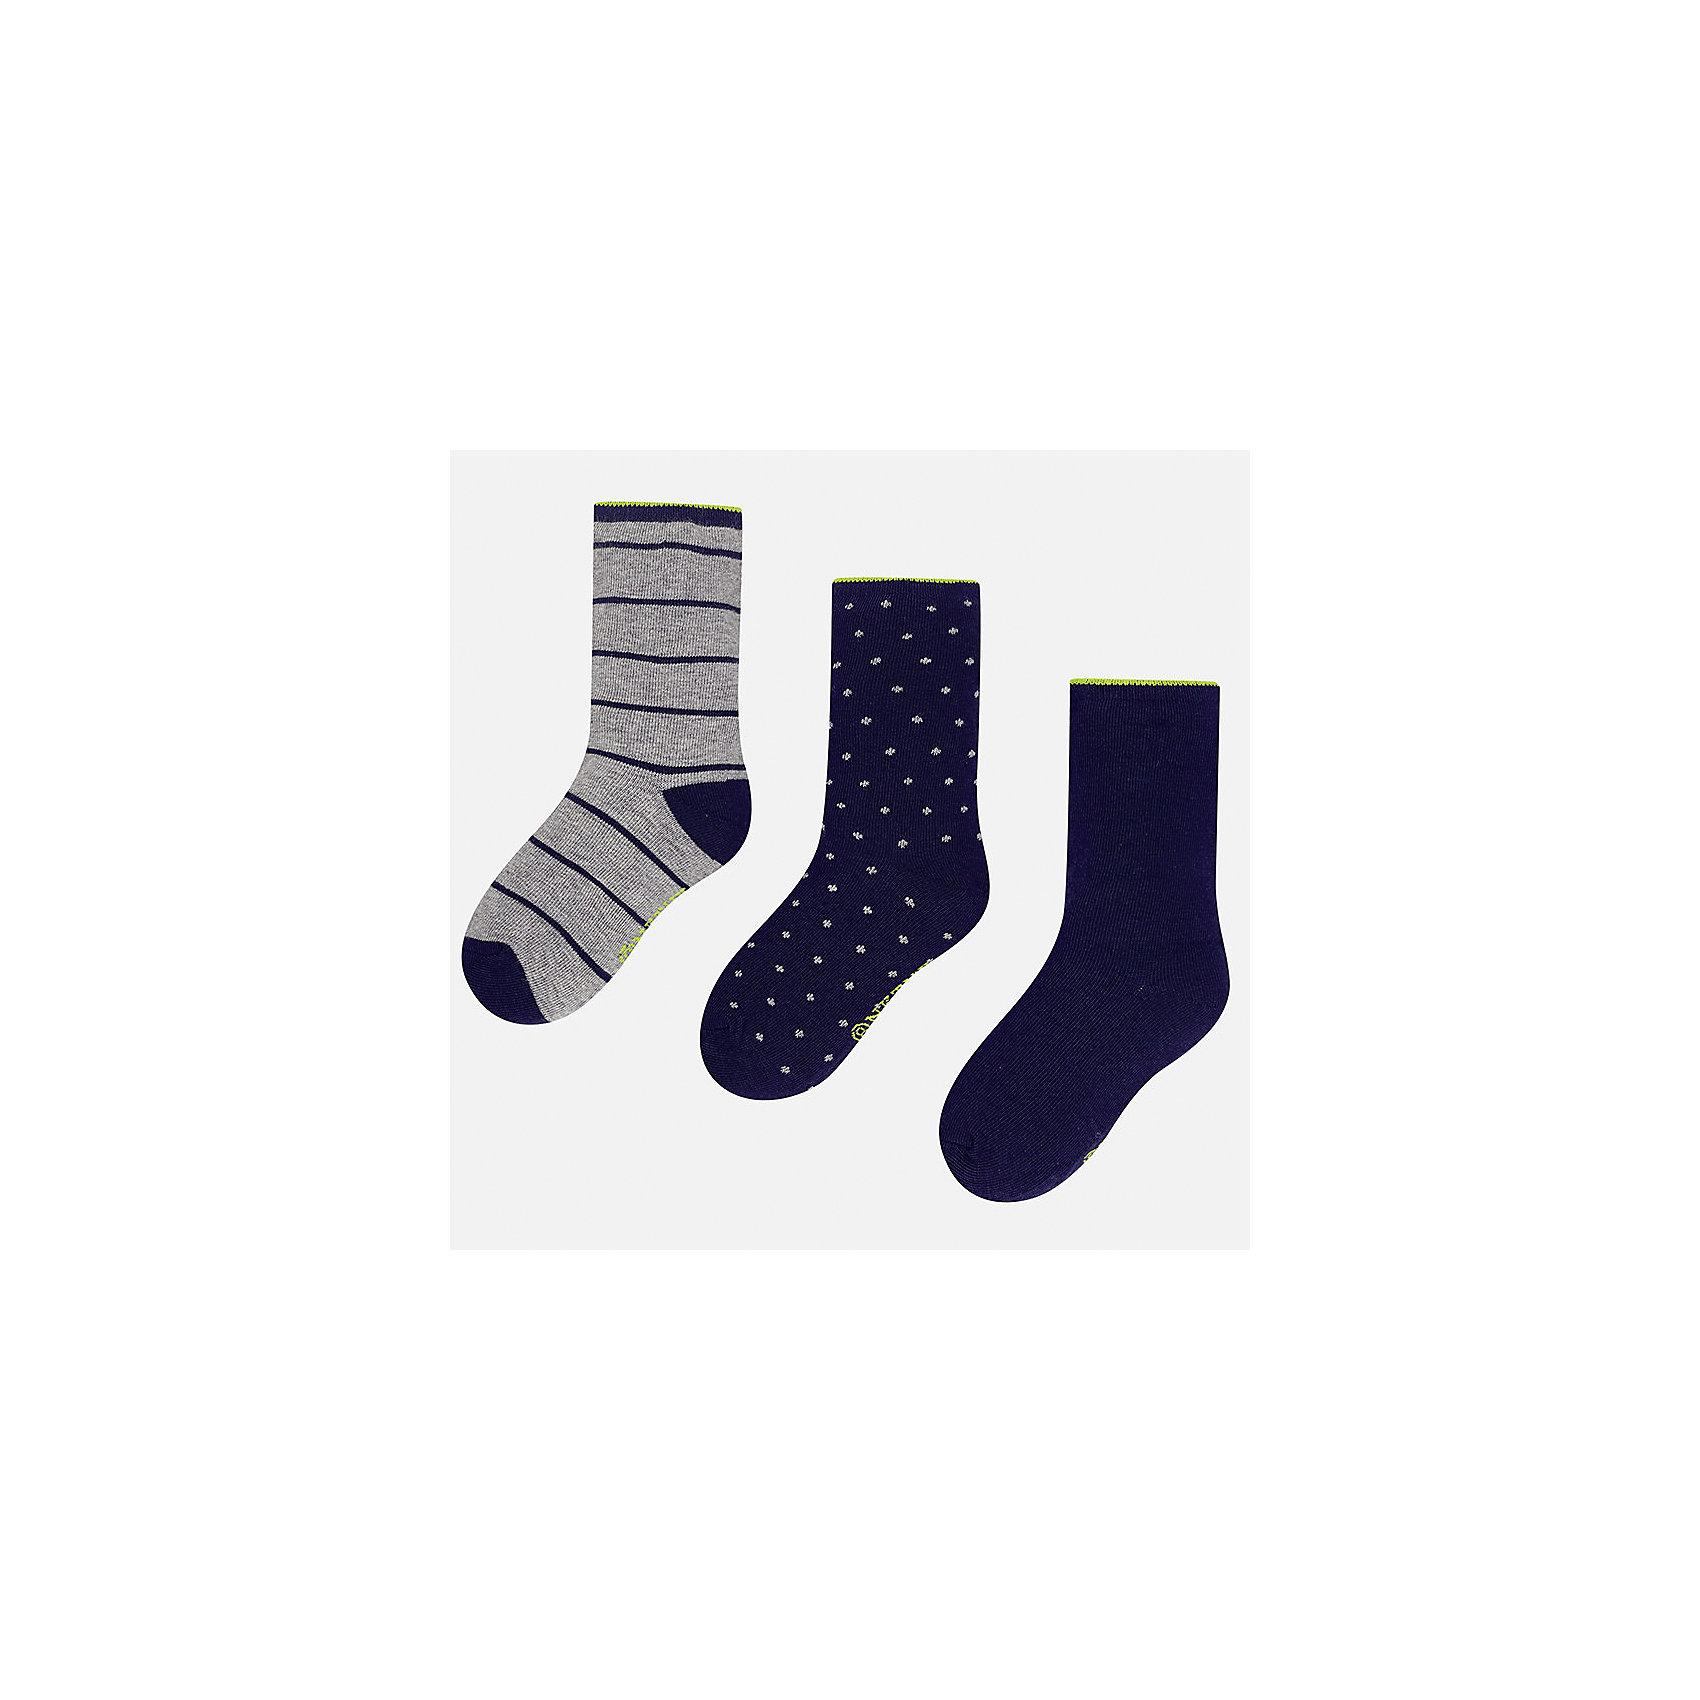 Носки (3 пары) для мальчика MayoralНоски<br>Характеристики товара:<br><br>• цвет: синий<br>• состав ткани: 74% хлопок, 20% полиэстер, 3% полиамид, 3% эластан<br>• сезон: круглый год<br>• комплектация: 3 пары<br>• страна бренда: Испания<br>• страна изготовитель: Индия<br><br>Такие носки для мальчика от популярного бренда Mayoral отличаются удобством. Детские носки смотрятся аккуратно и нарядно. В таких носках для детей от испанской компании Майорал ребенок будет выглядеть модно, а чувствовать себя - комфортно. <br><br>Носки (3 пары) для мальчика Mayoral (Майорал) можно купить в нашем интернет-магазине.<br><br>Ширина мм: 87<br>Глубина мм: 10<br>Высота мм: 105<br>Вес г: 115<br>Цвет: синий<br>Возраст от месяцев: 168<br>Возраст до месяцев: 180<br>Пол: Мужской<br>Возраст: Детский<br>Размер: 41/42,33-35,35/36,36/37,37/38,38/39<br>SKU: 6939313